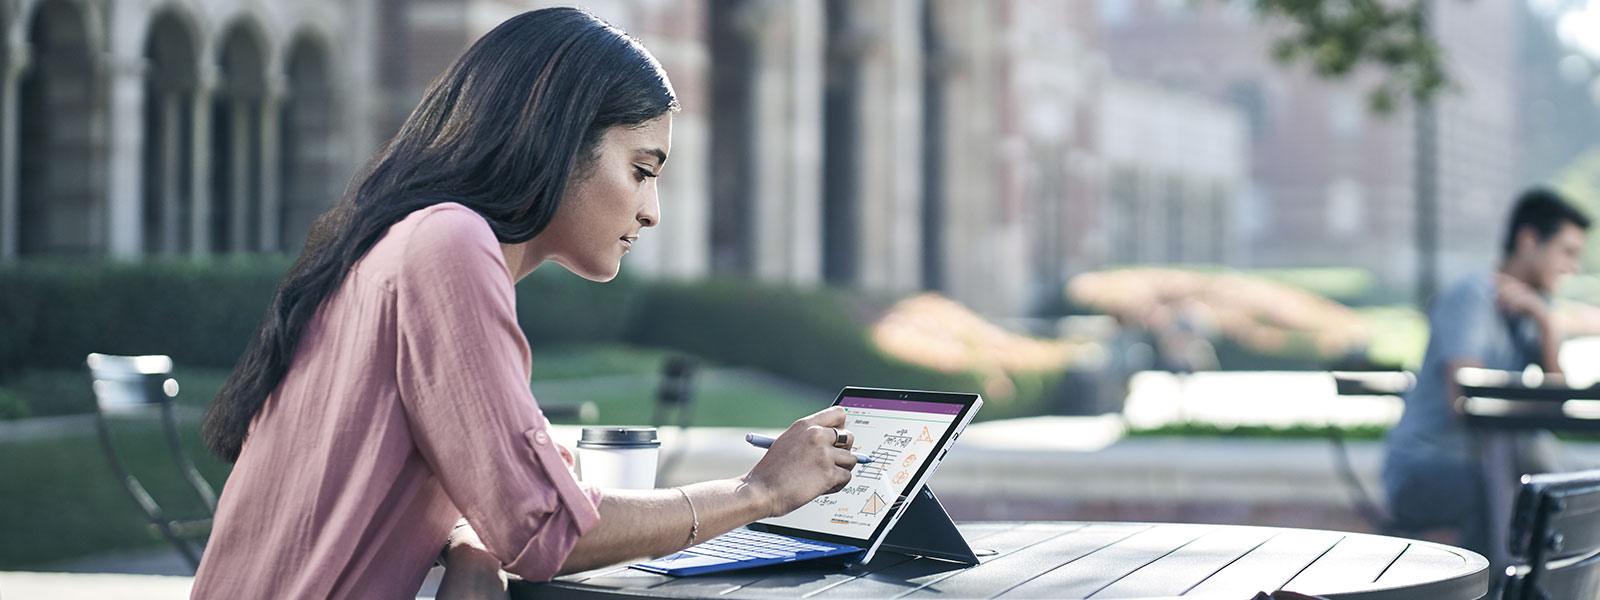 Kobieta szkicująca na urządzeniu Surface Pro przy użyciu pióra Surface